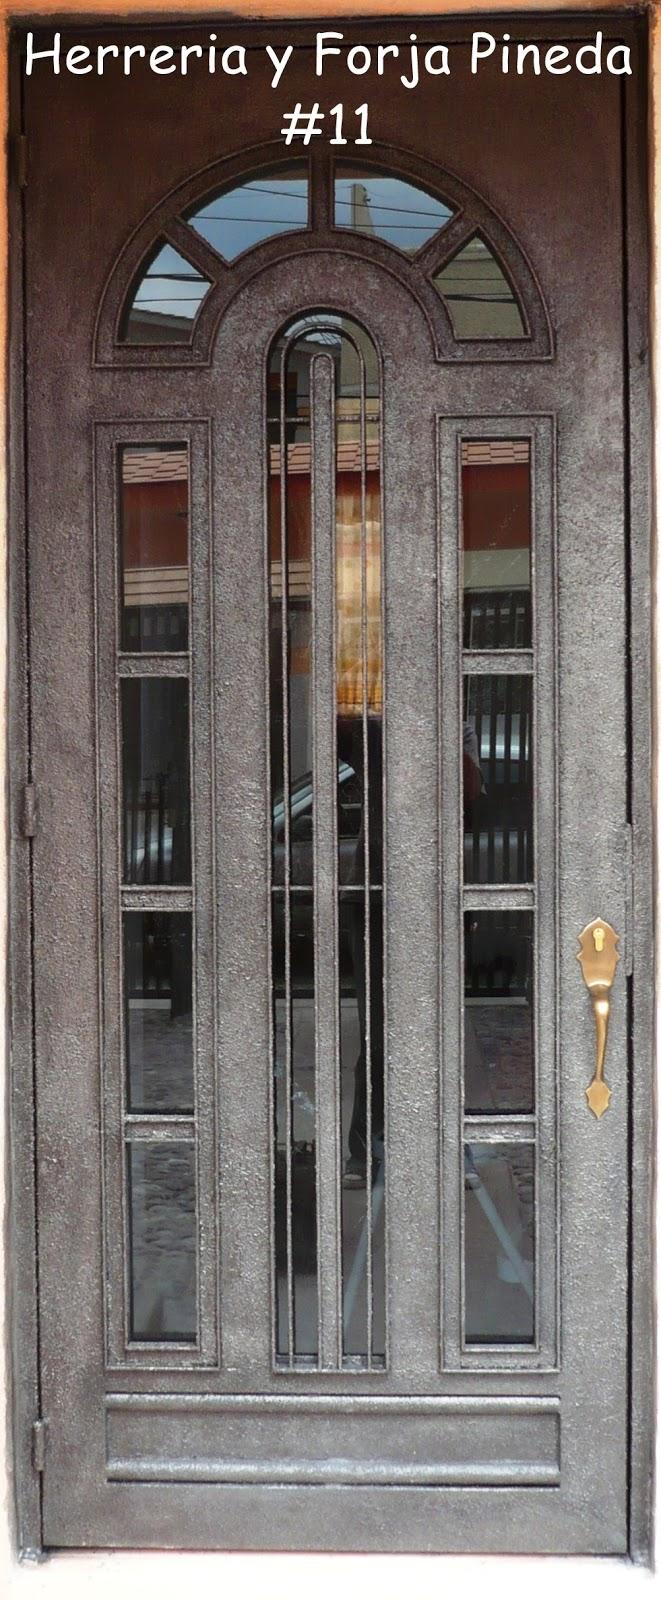 Herreria y forja pineda - Puertas forja exterior ...